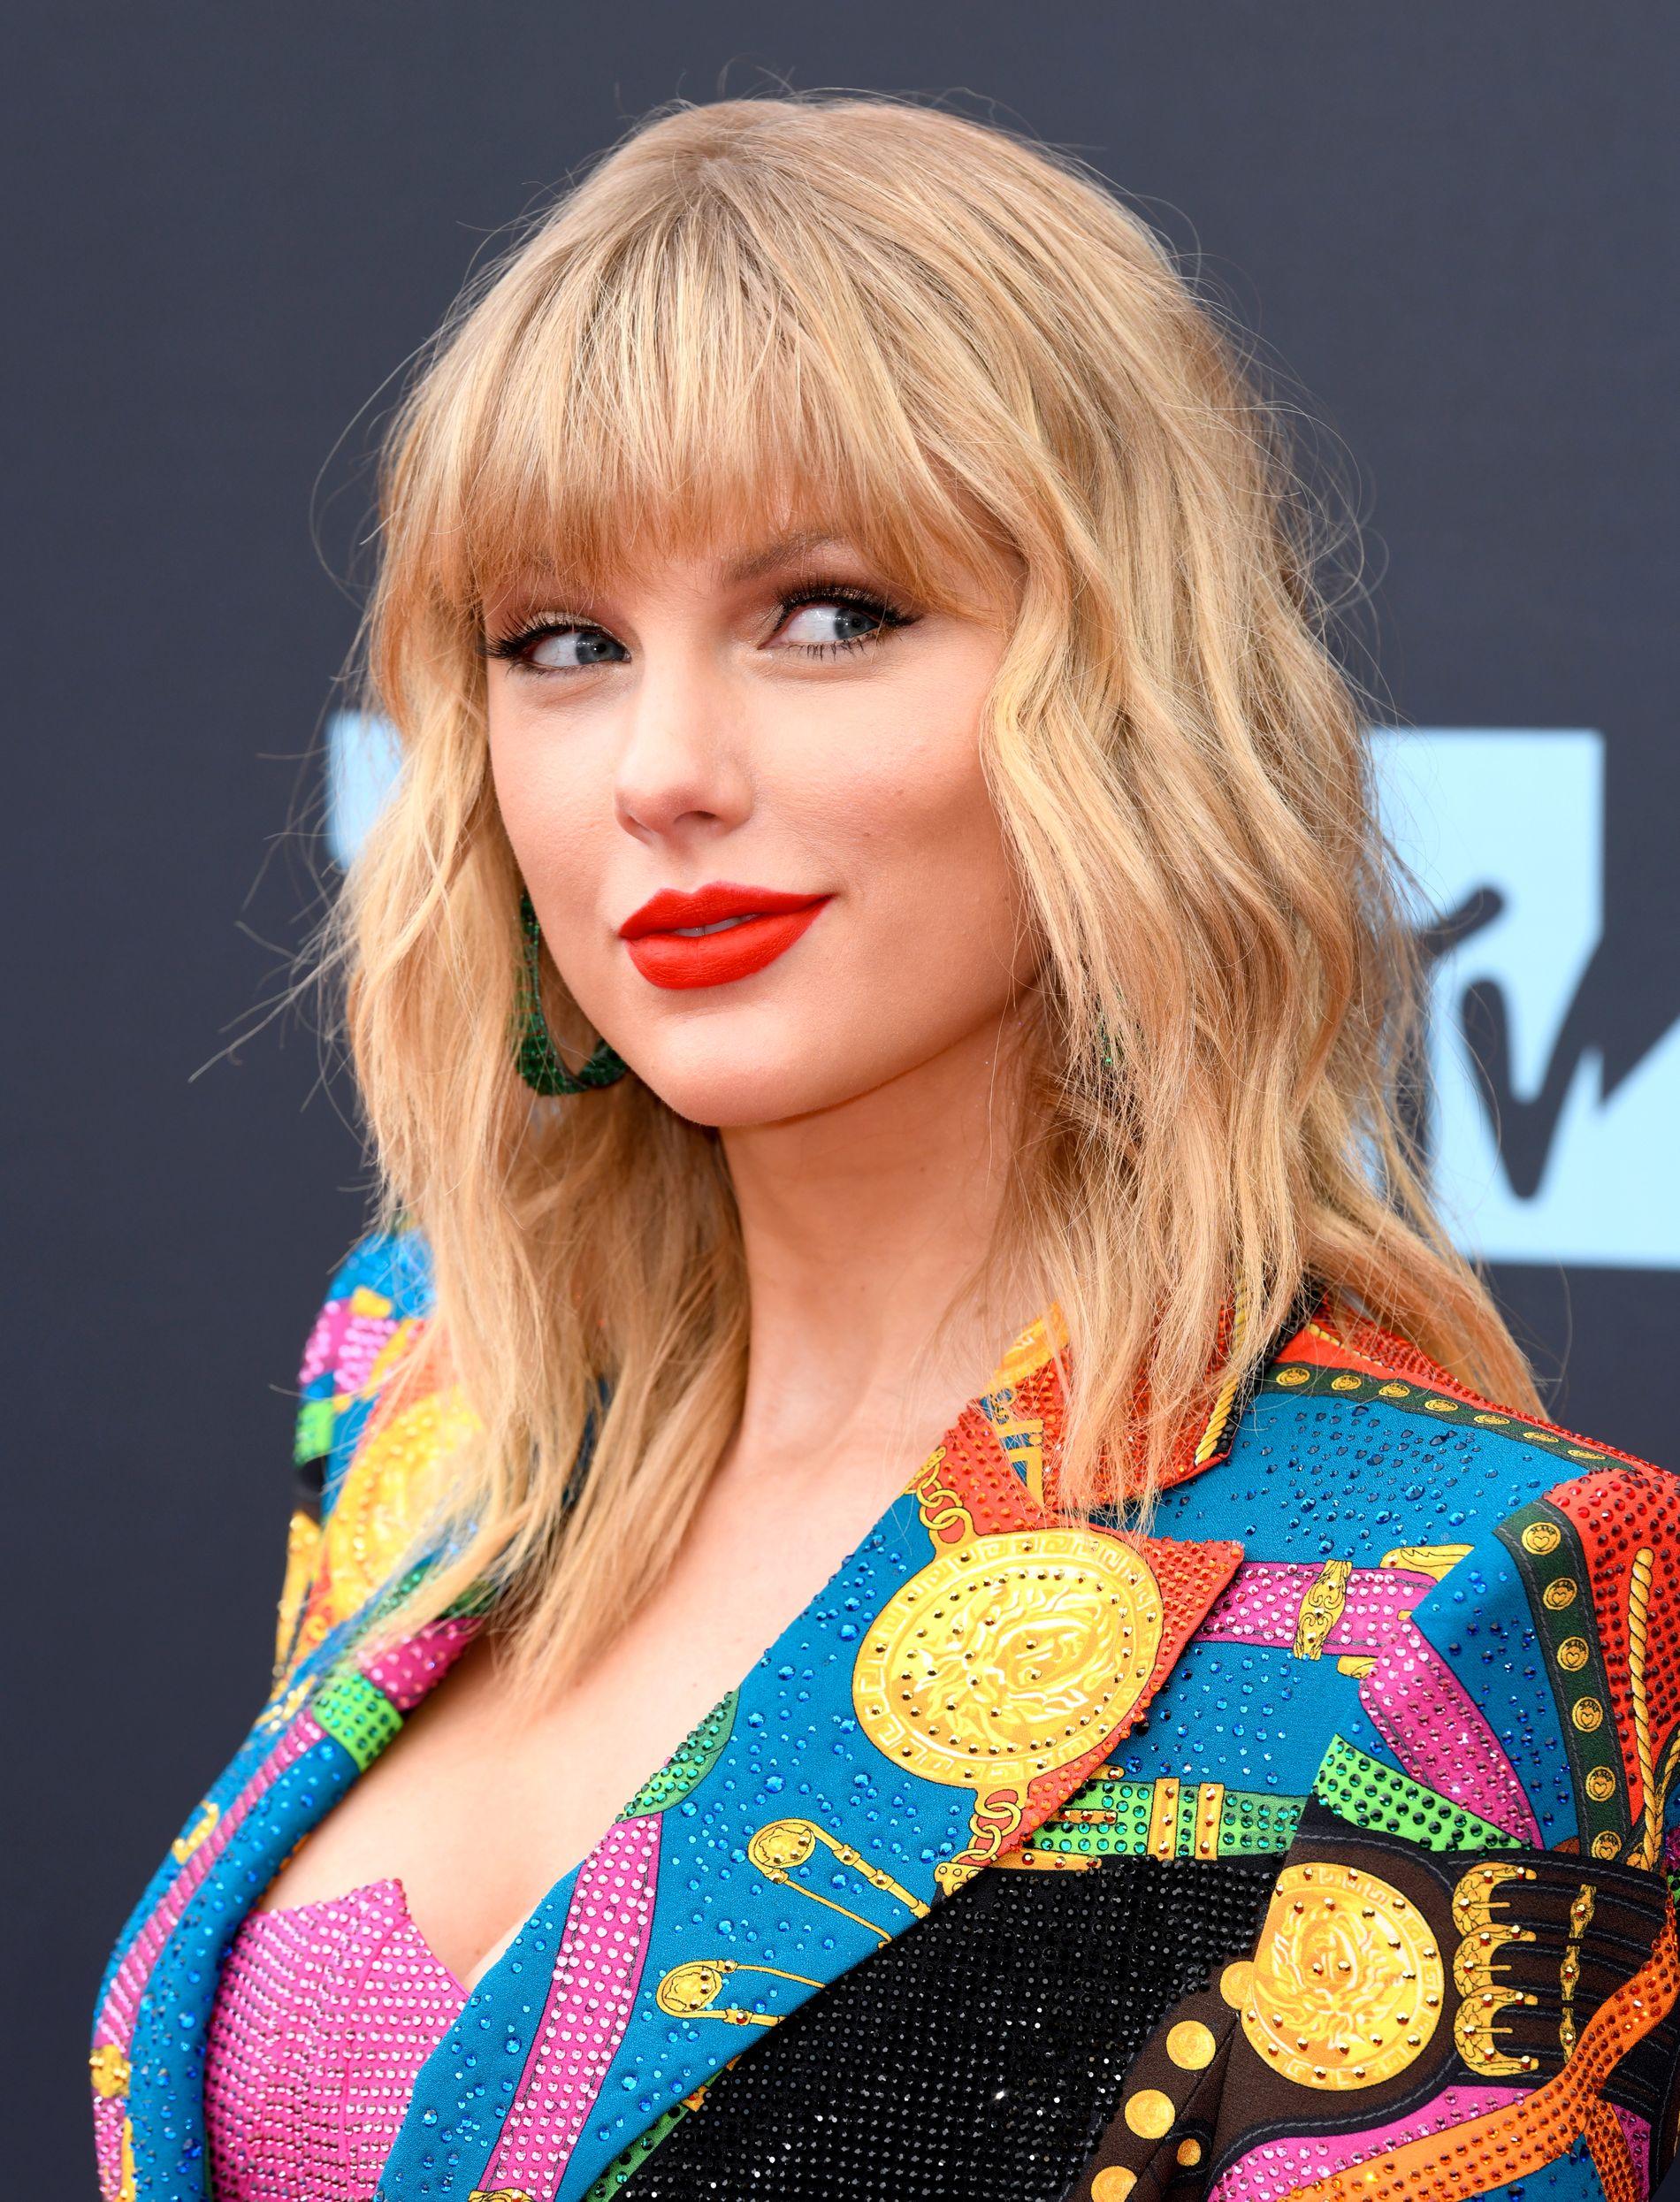 GAVMILD: Nok en gang har Taylor Swift gitt noe av sine eventyrlige inntekter til noen som kanskje trenger det mer enn henne selv.